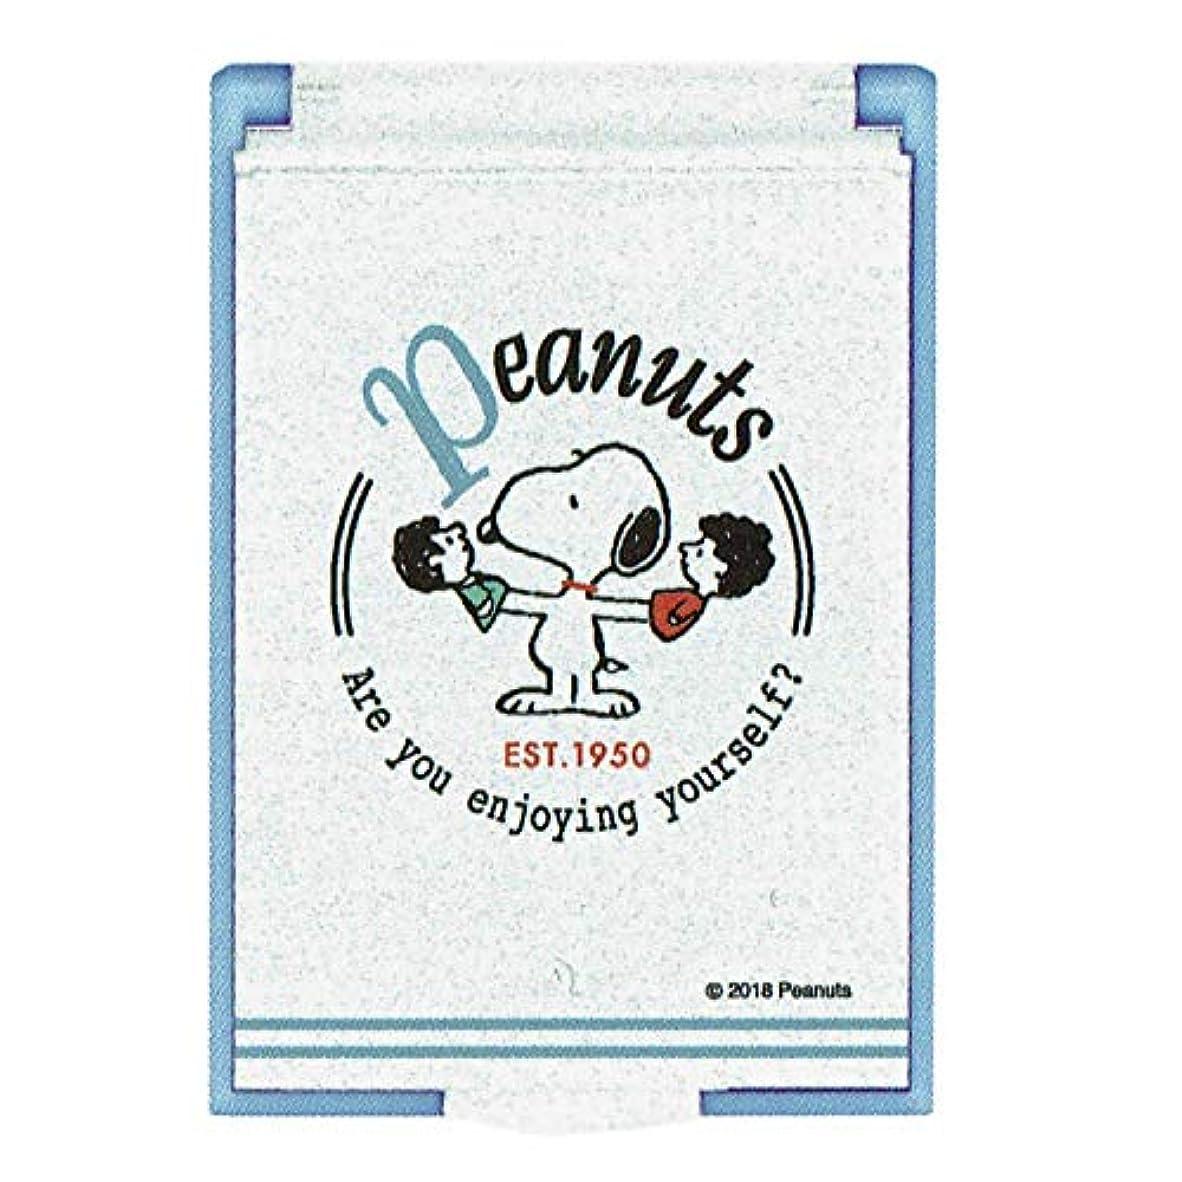 薬用直径選ぶ(株)カミオジャパン スヌーピー カードミラーS ファニートイボックス コスメコレクション 633601